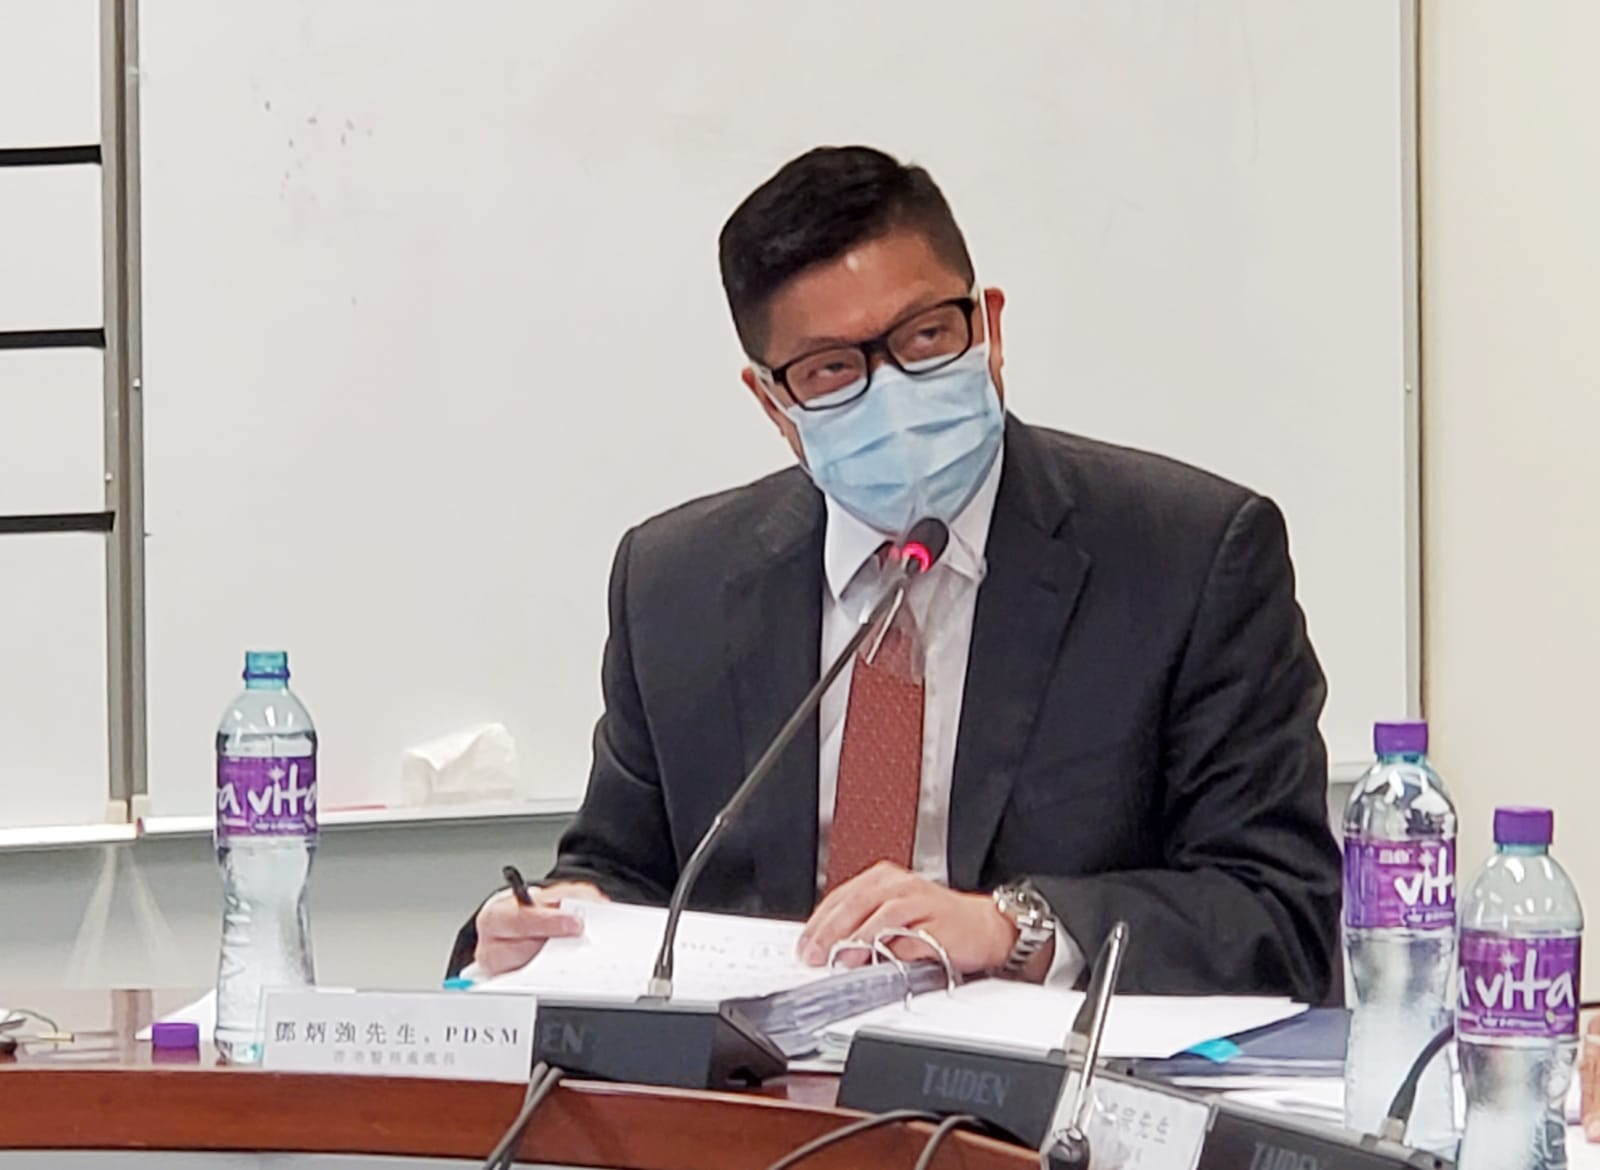 警務處長鄧炳強今日(12日)出席元朗區議會會議,否認自己是中共黨員,承認「傳媒經歷不理想」但拒道歉。議員則斥香港警察接連違法,只是「有牌爛仔」。(宋碧龙/大紀元)